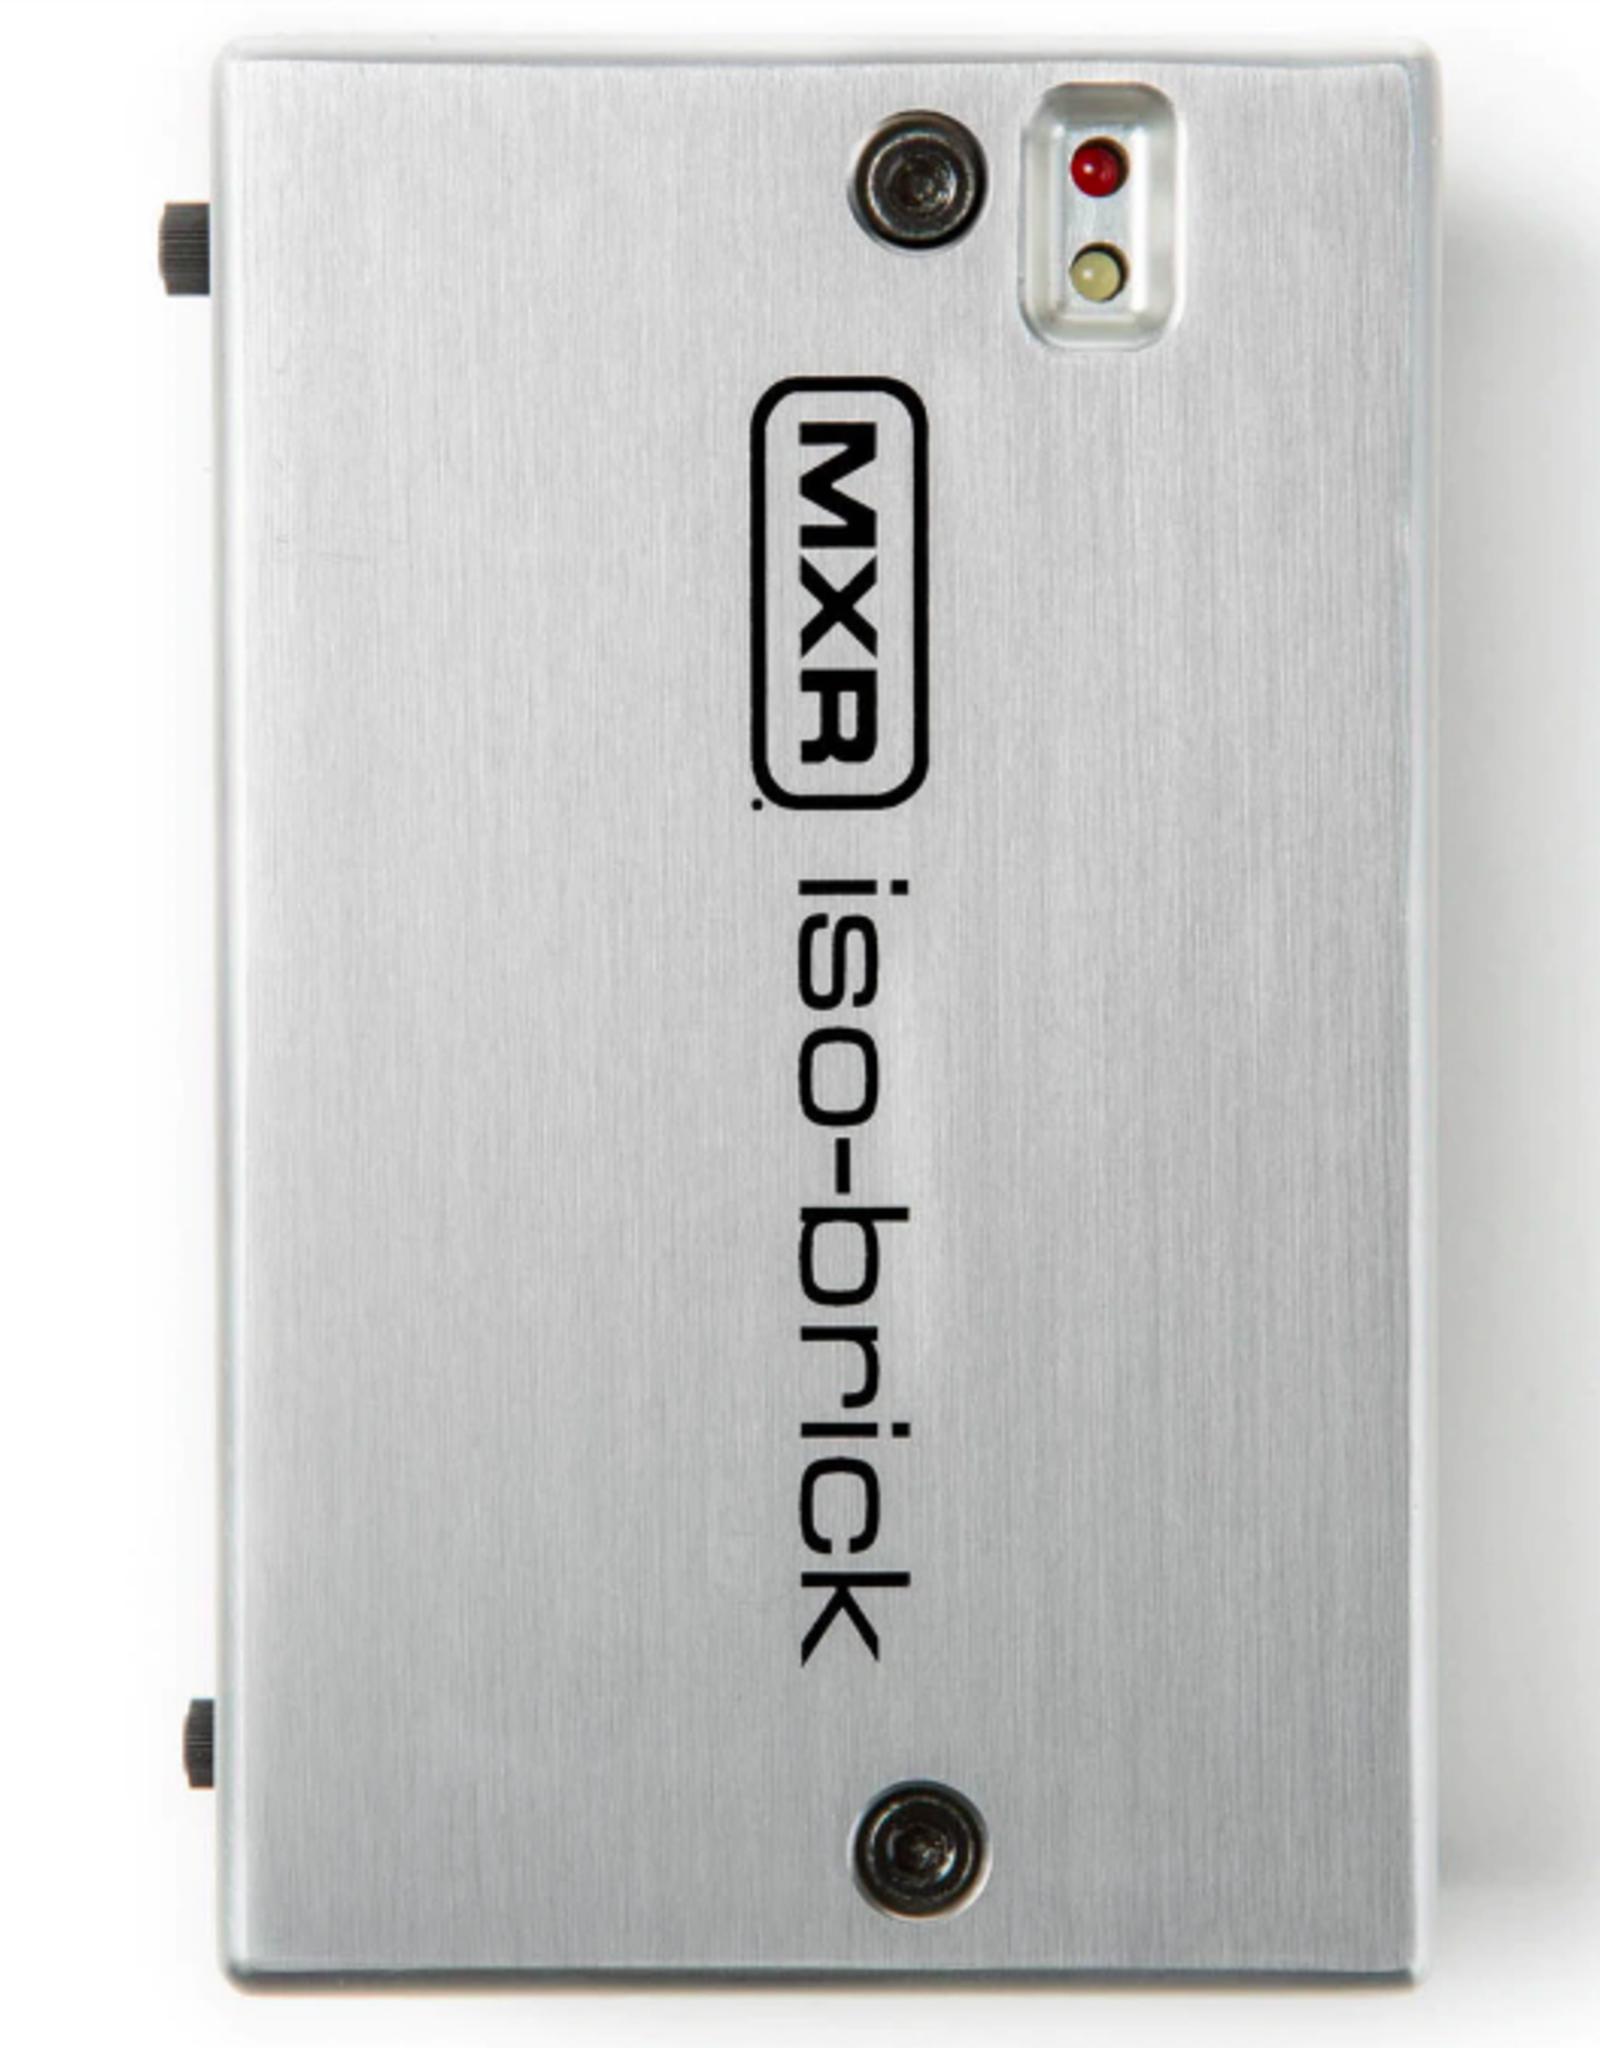 MXR MXR ISO BRICK PWR SUPPLY